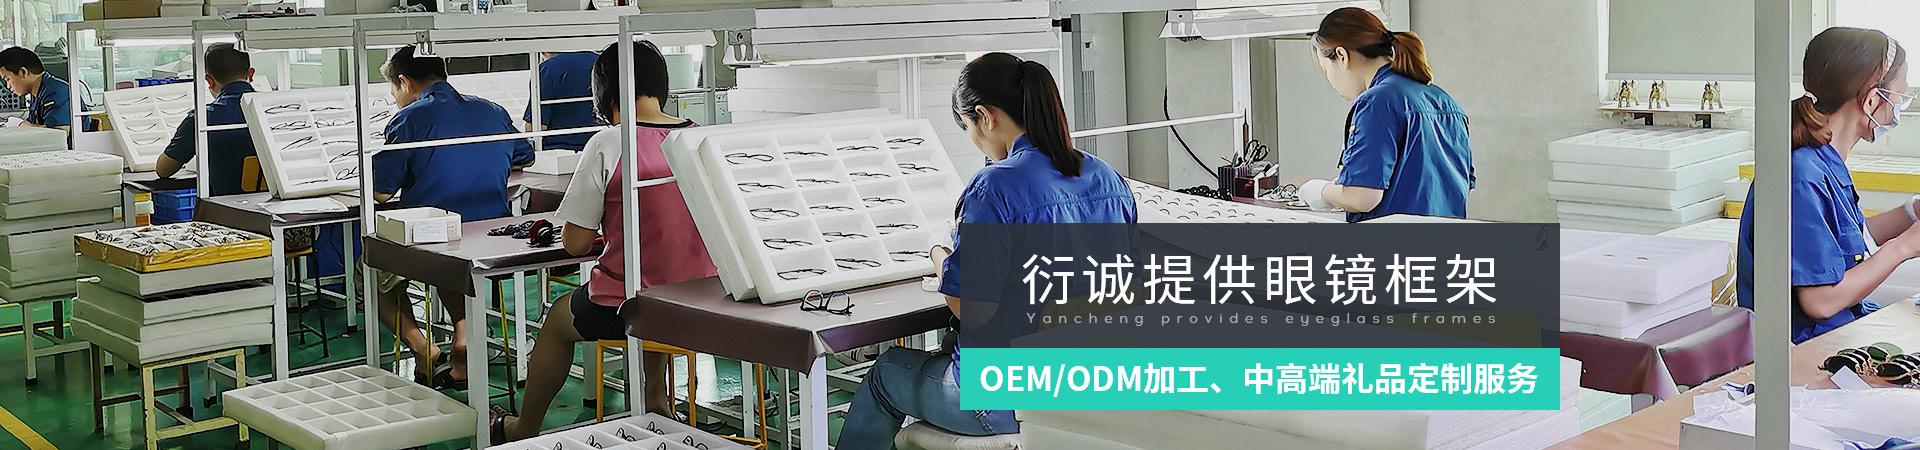 衍诚-OEM/ODM加工、中高端礼品定制服务